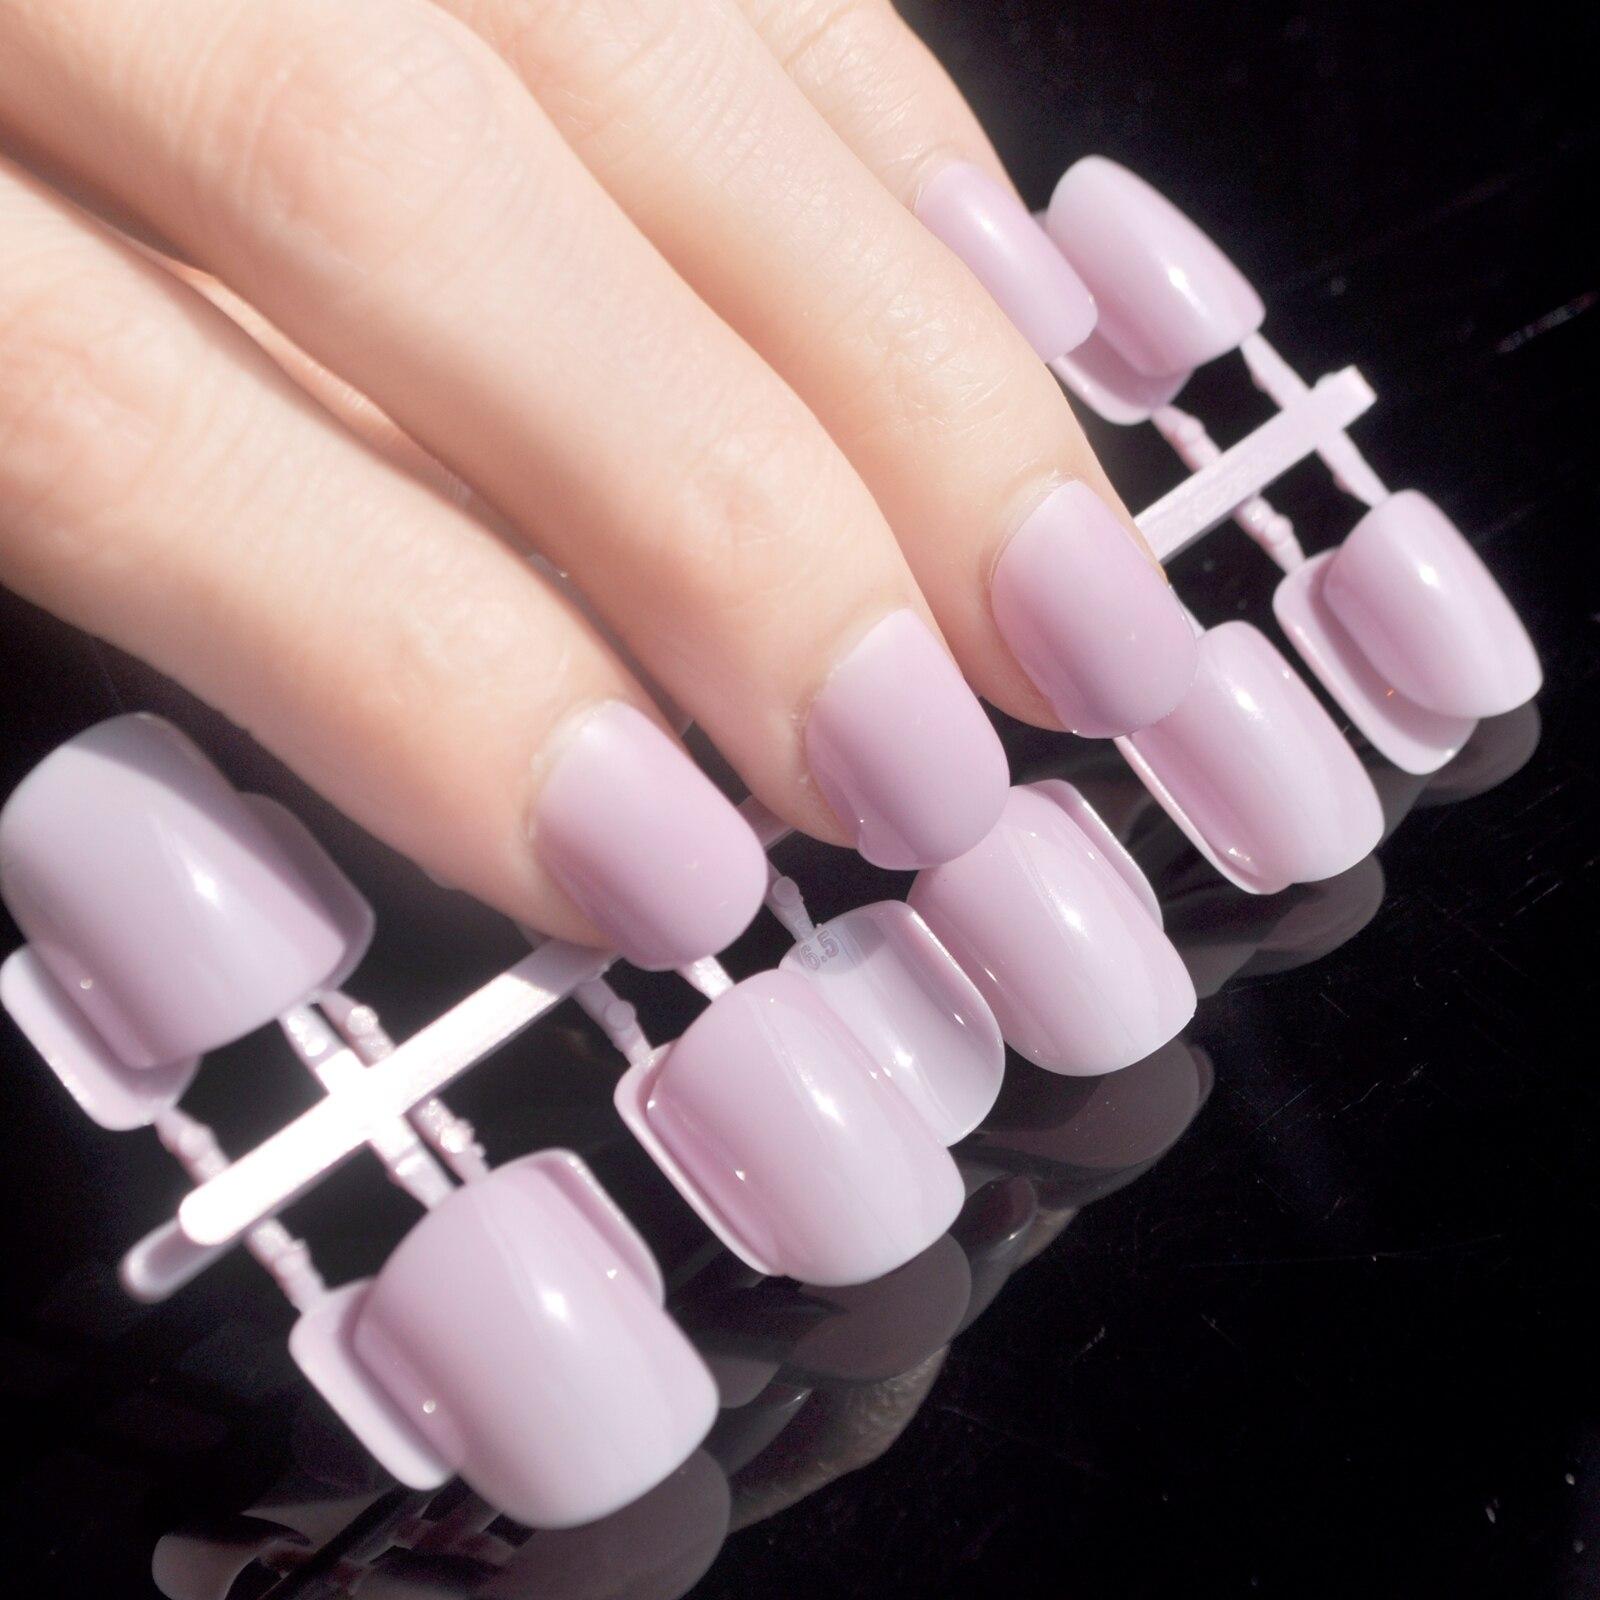 Mode Candy Farbe Flache Gefälschte Nagel Licht Lila Nägel Für Finger ...